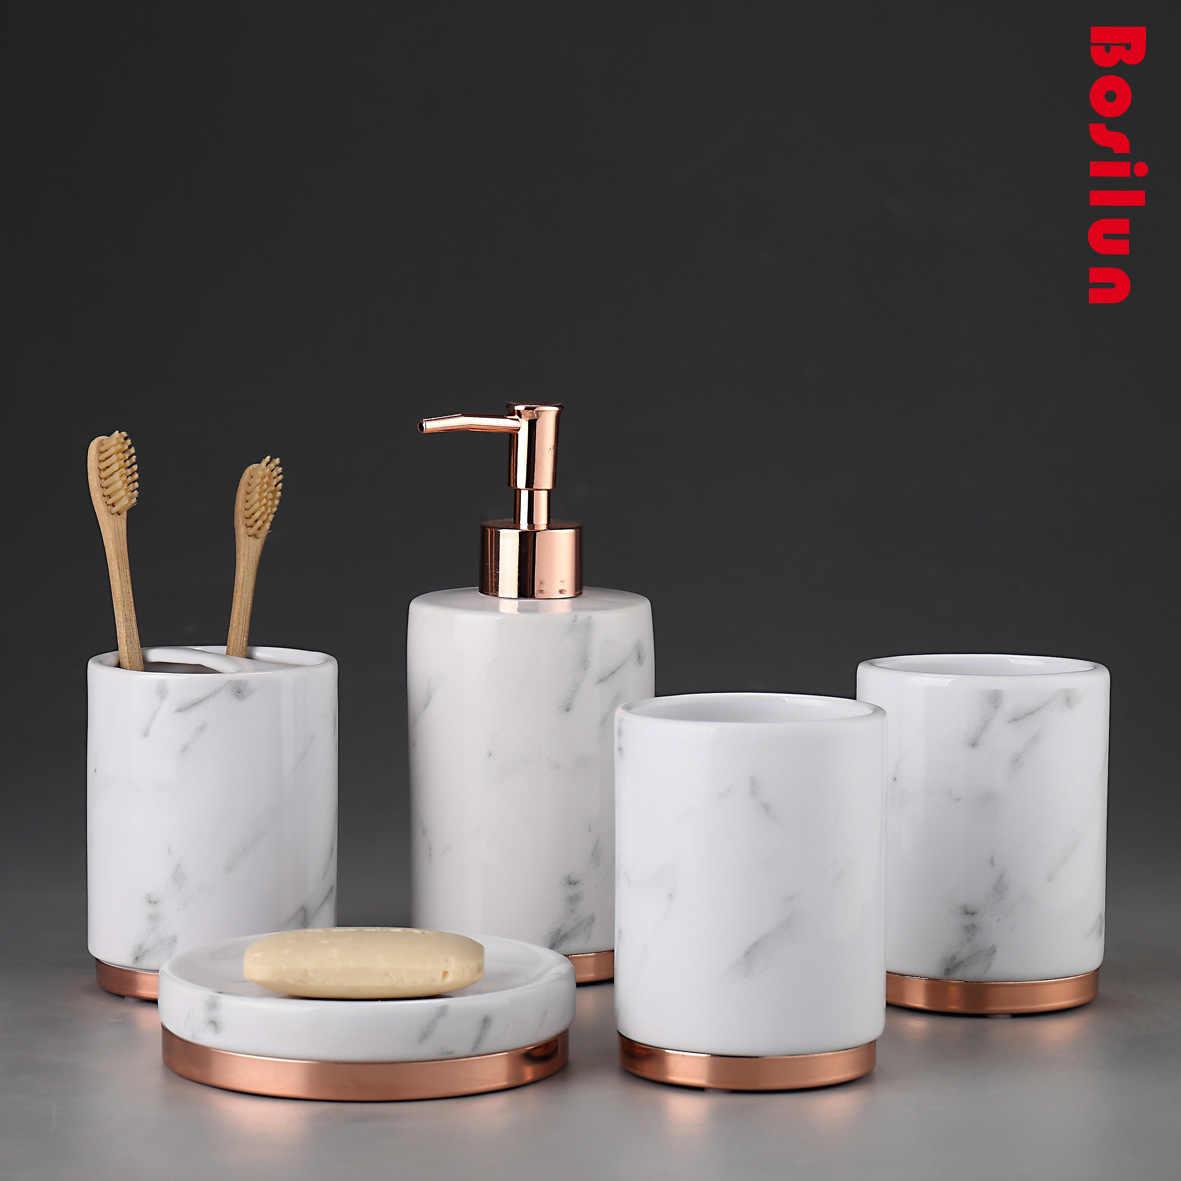 Bad Zubehör Weiß Keramik Sets Seife Spender Dusche Tasse Halter Zahnbürste Halter 5 stücke Keramik Bad Set